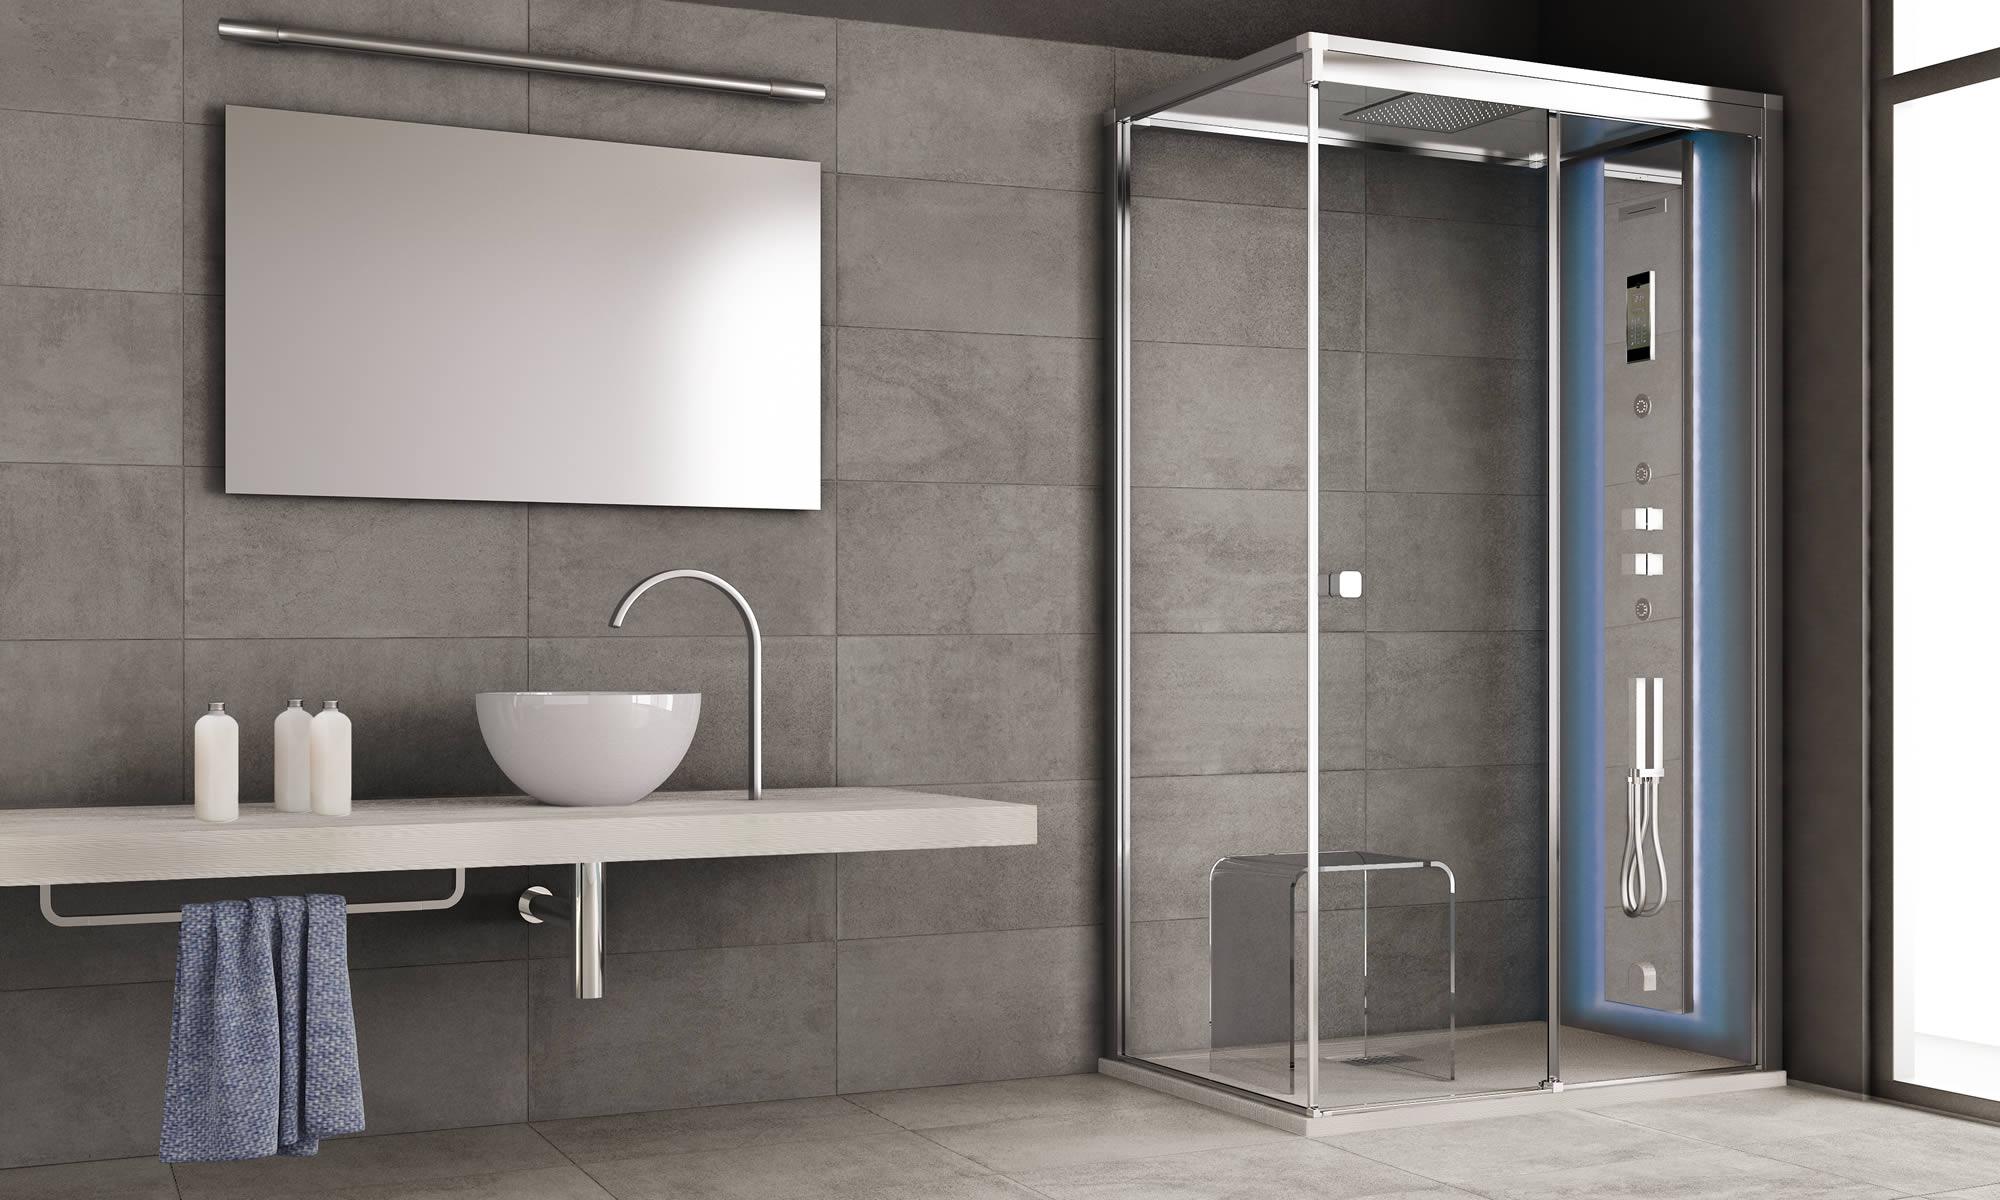 Vasche Da Bagno Prezzi E Misure : Box doccia o vasca da bagno u pronto intervento news